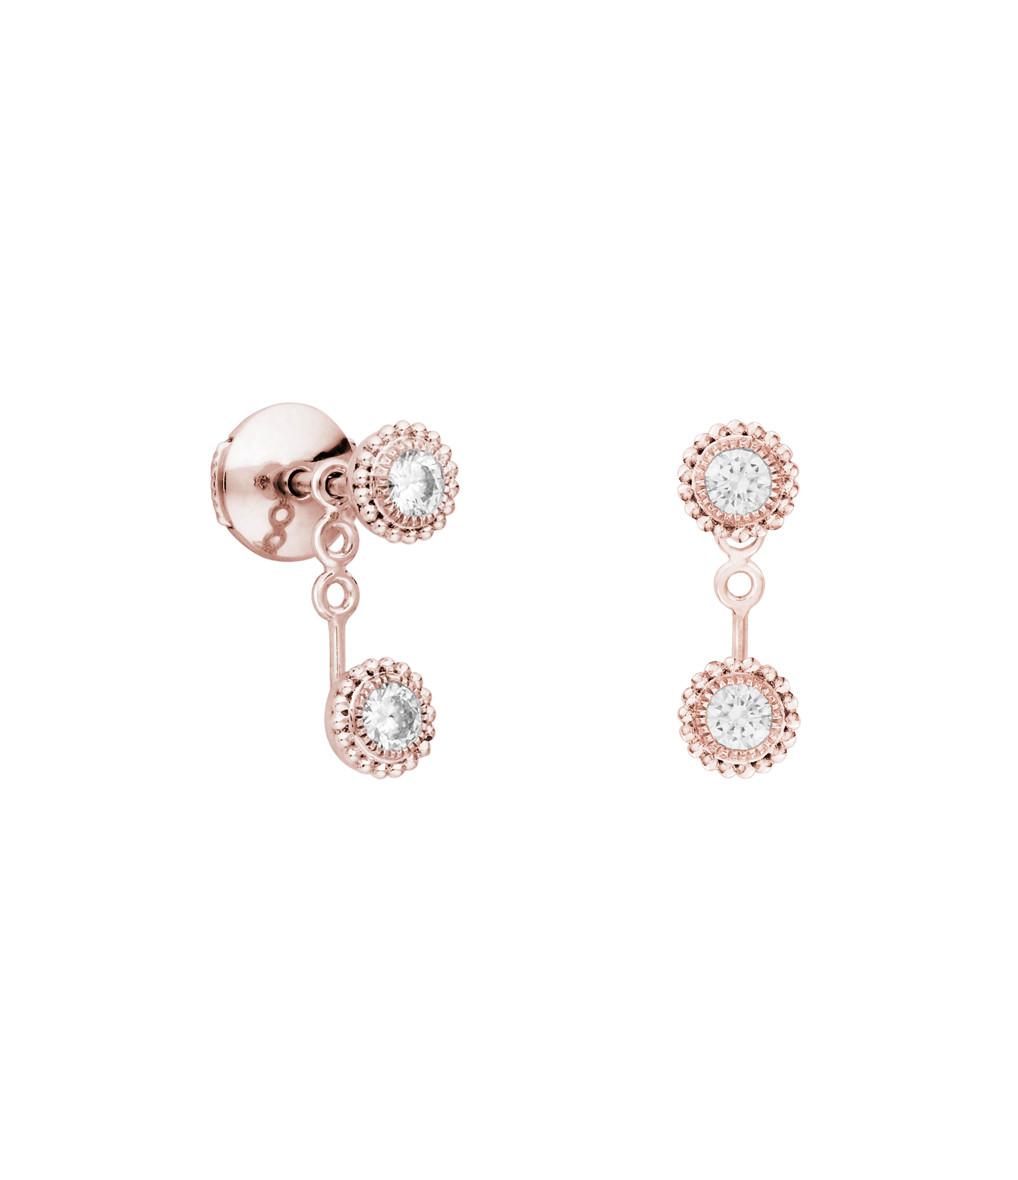 Boucle d'oreille Bouton Double Swan Diamants (vendue à l'unité) - STONE